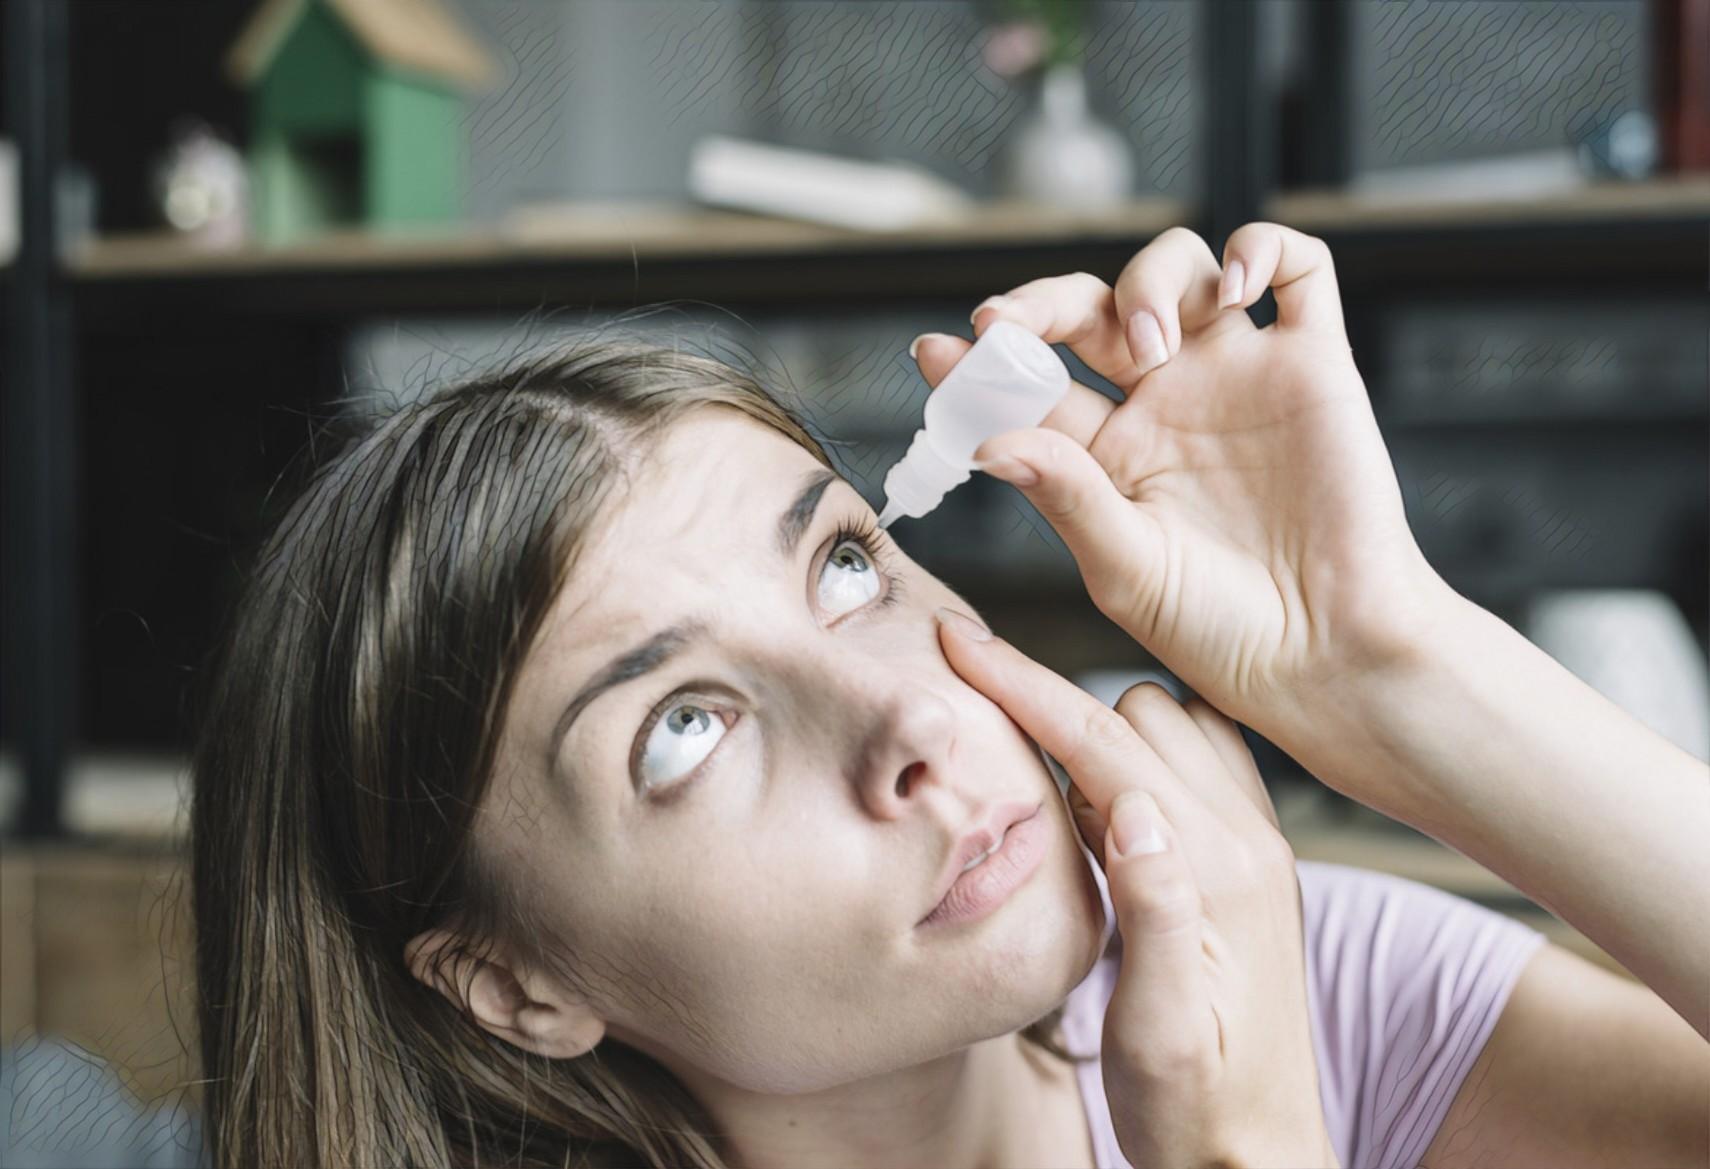 девушка пробует лечить глаза каплями